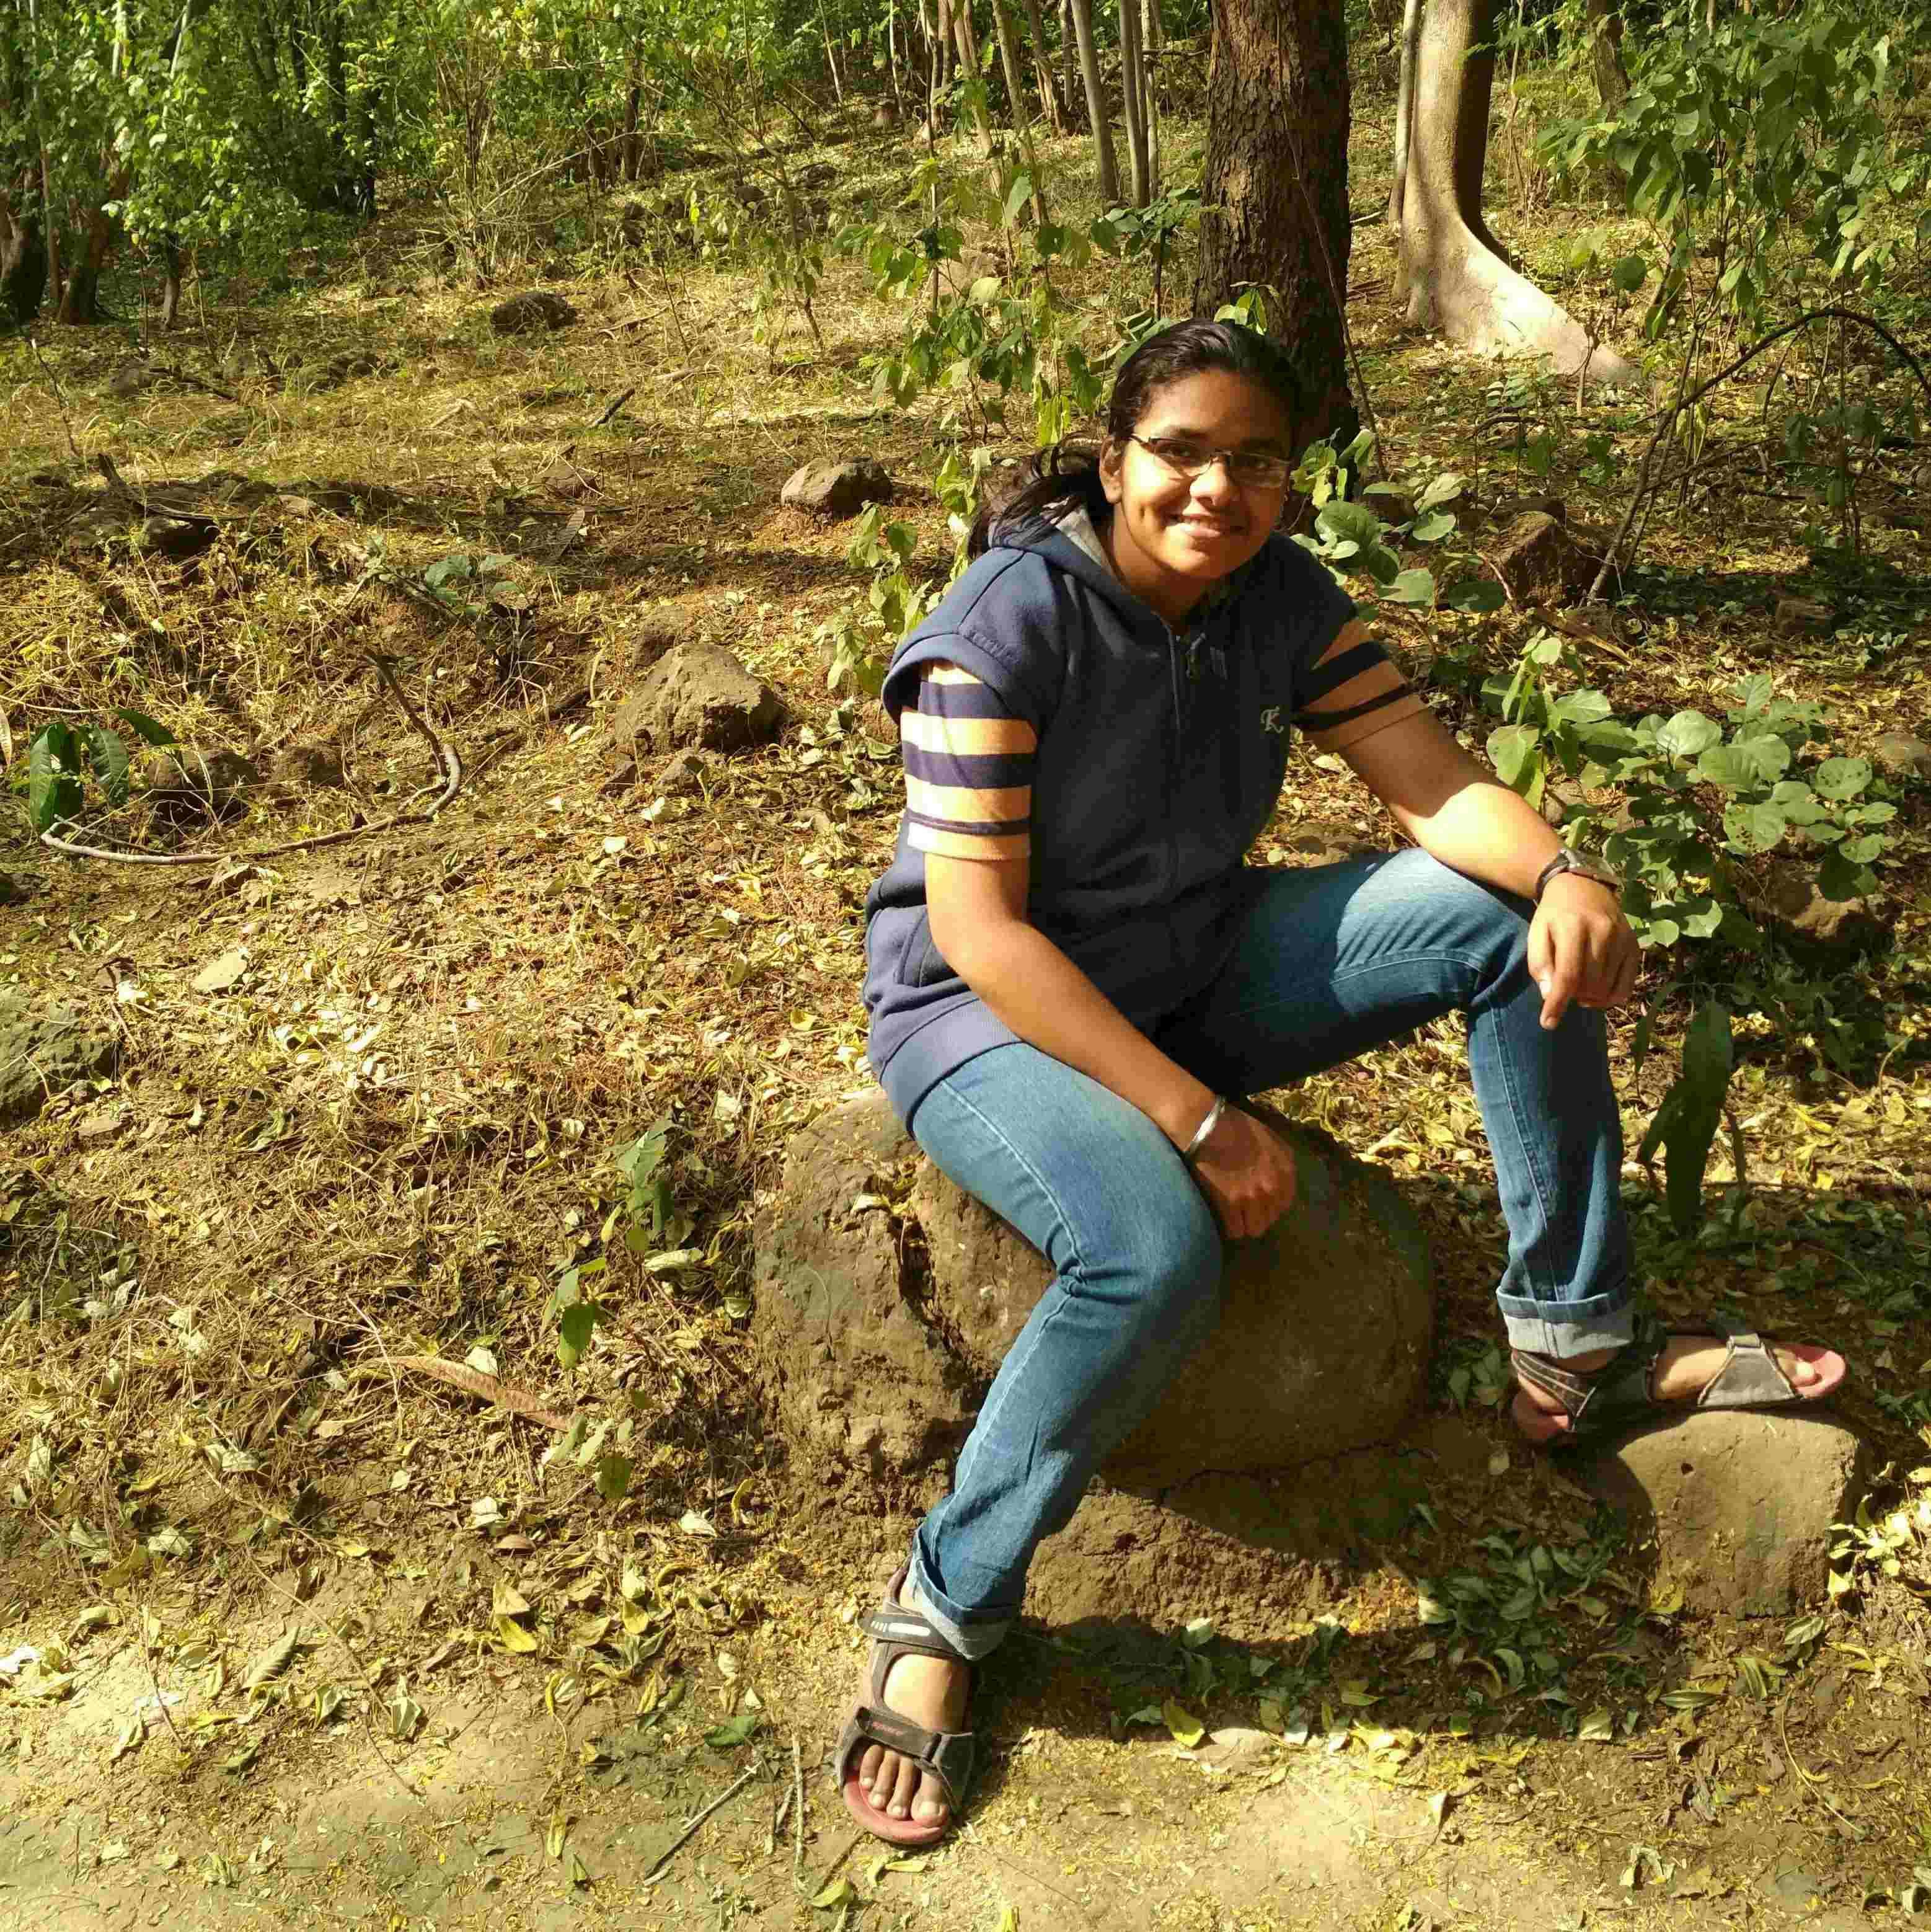 Vaishnavi Pathak कुछ बातें ऐसी जो आपसे केहनी हैं बोहोत सी बातें होगी जो आपसे सुननी हैं। ©वैष्णवी